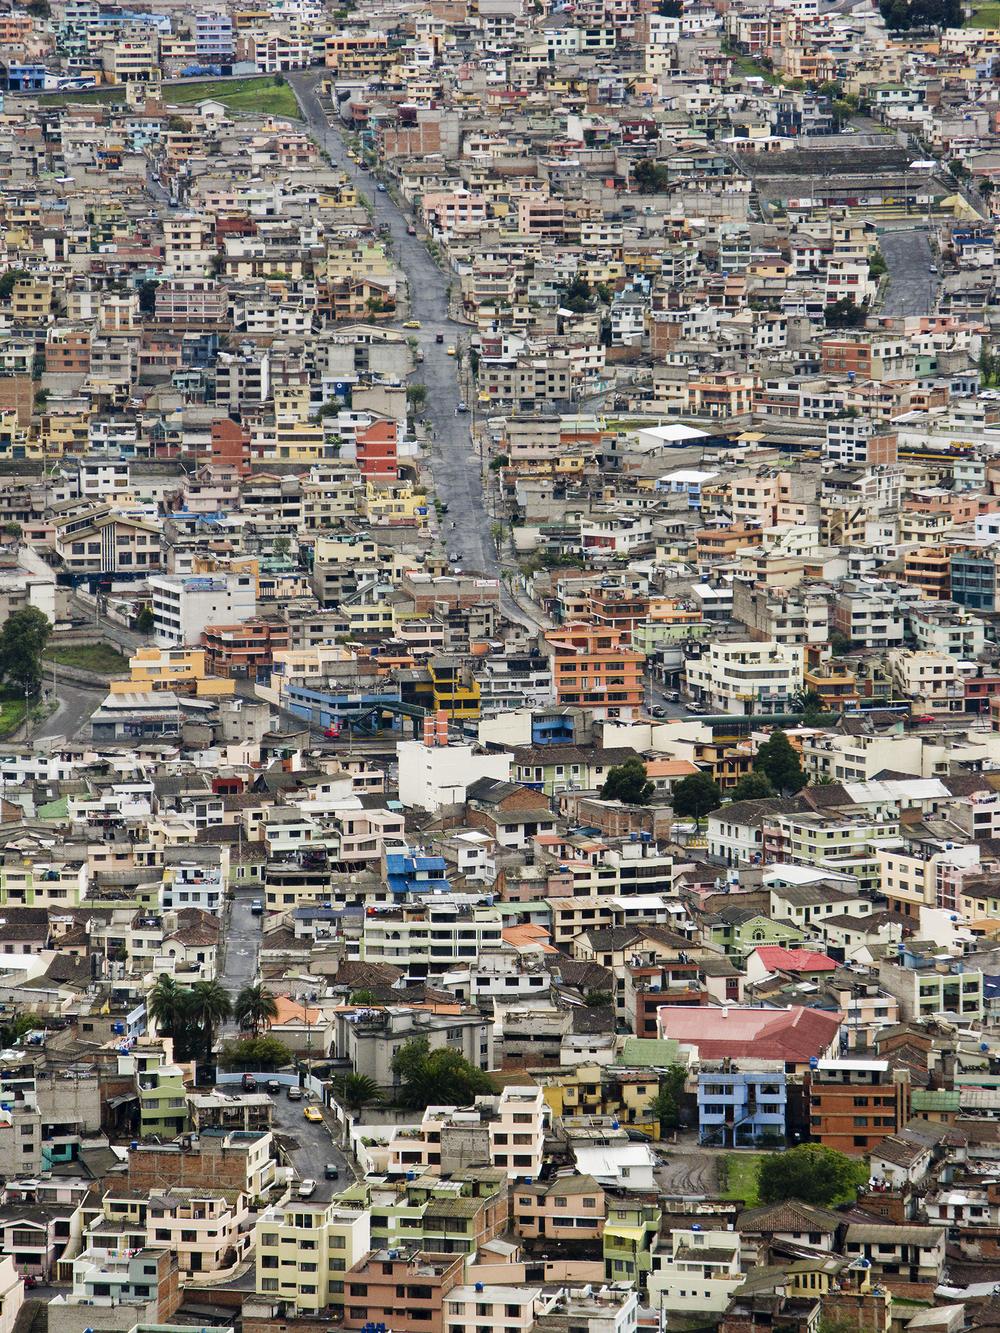 View of modern suburbs of Quito from El Panecillo hill   , Quito, Ecuador, 2008© Richard Sexton